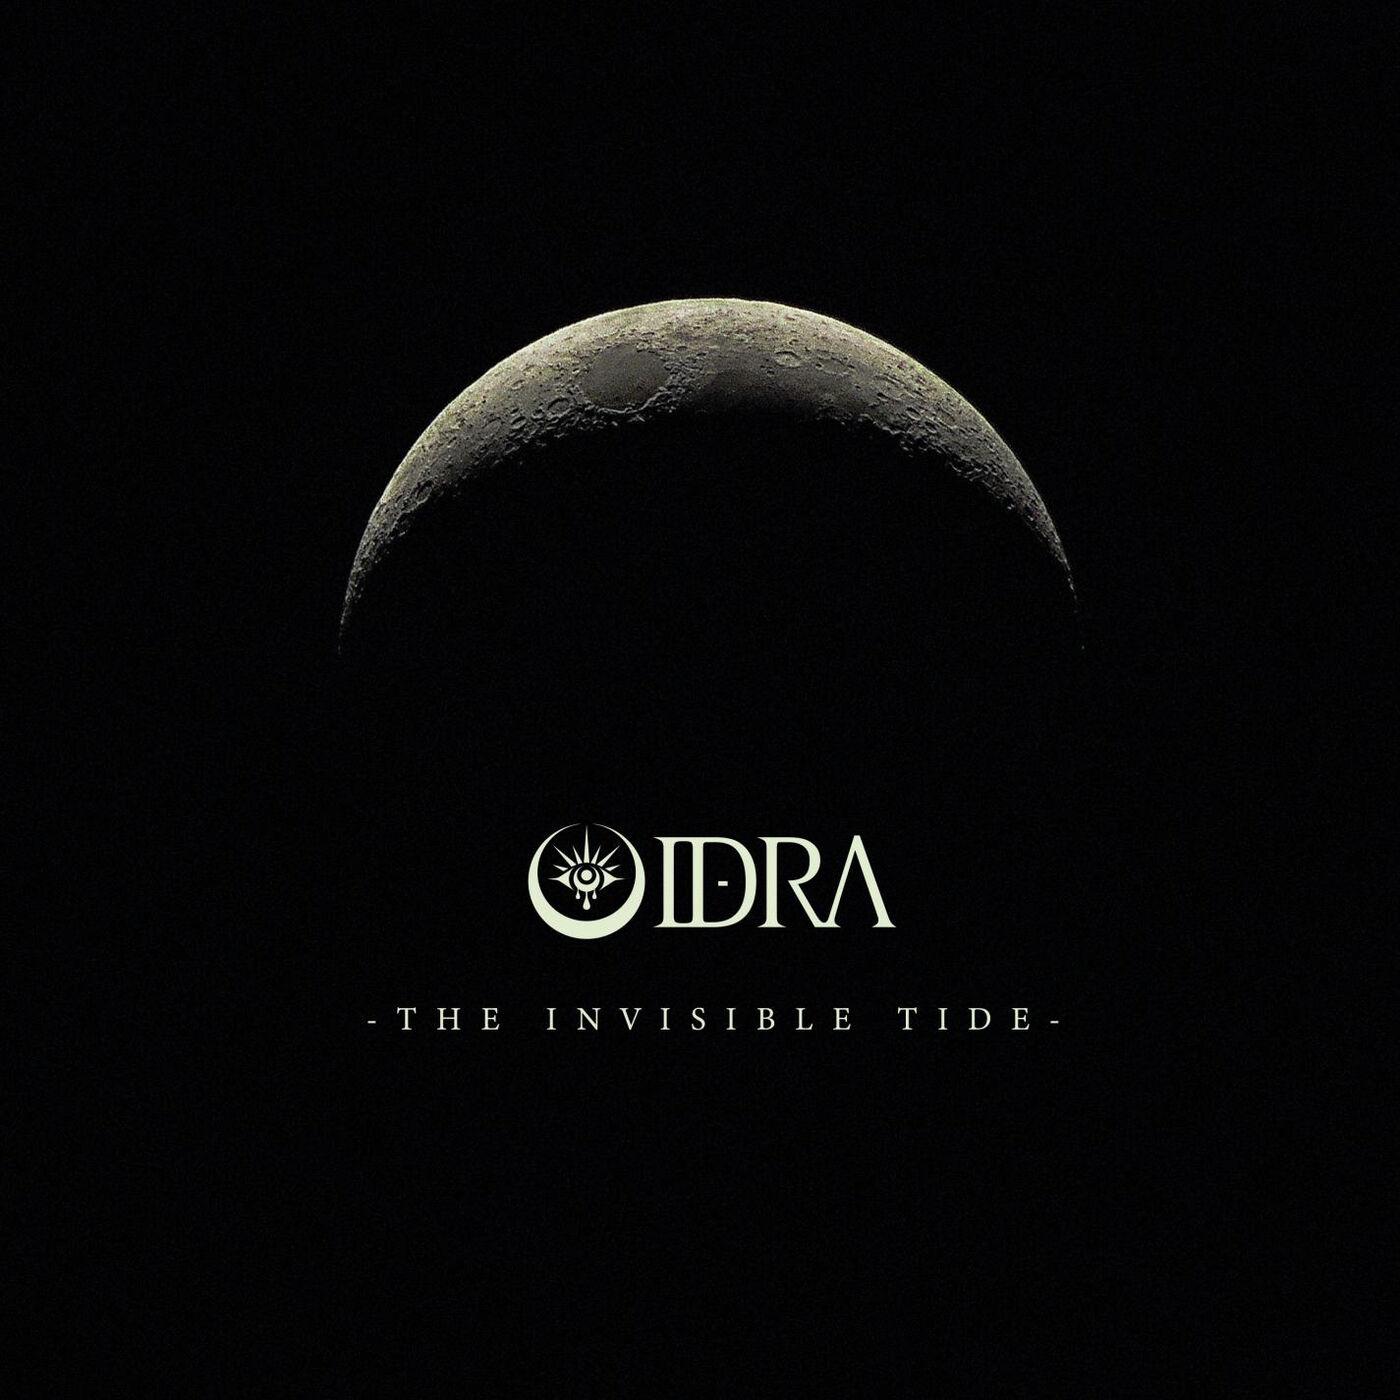 IDRA - The Invisible Tide (2020)